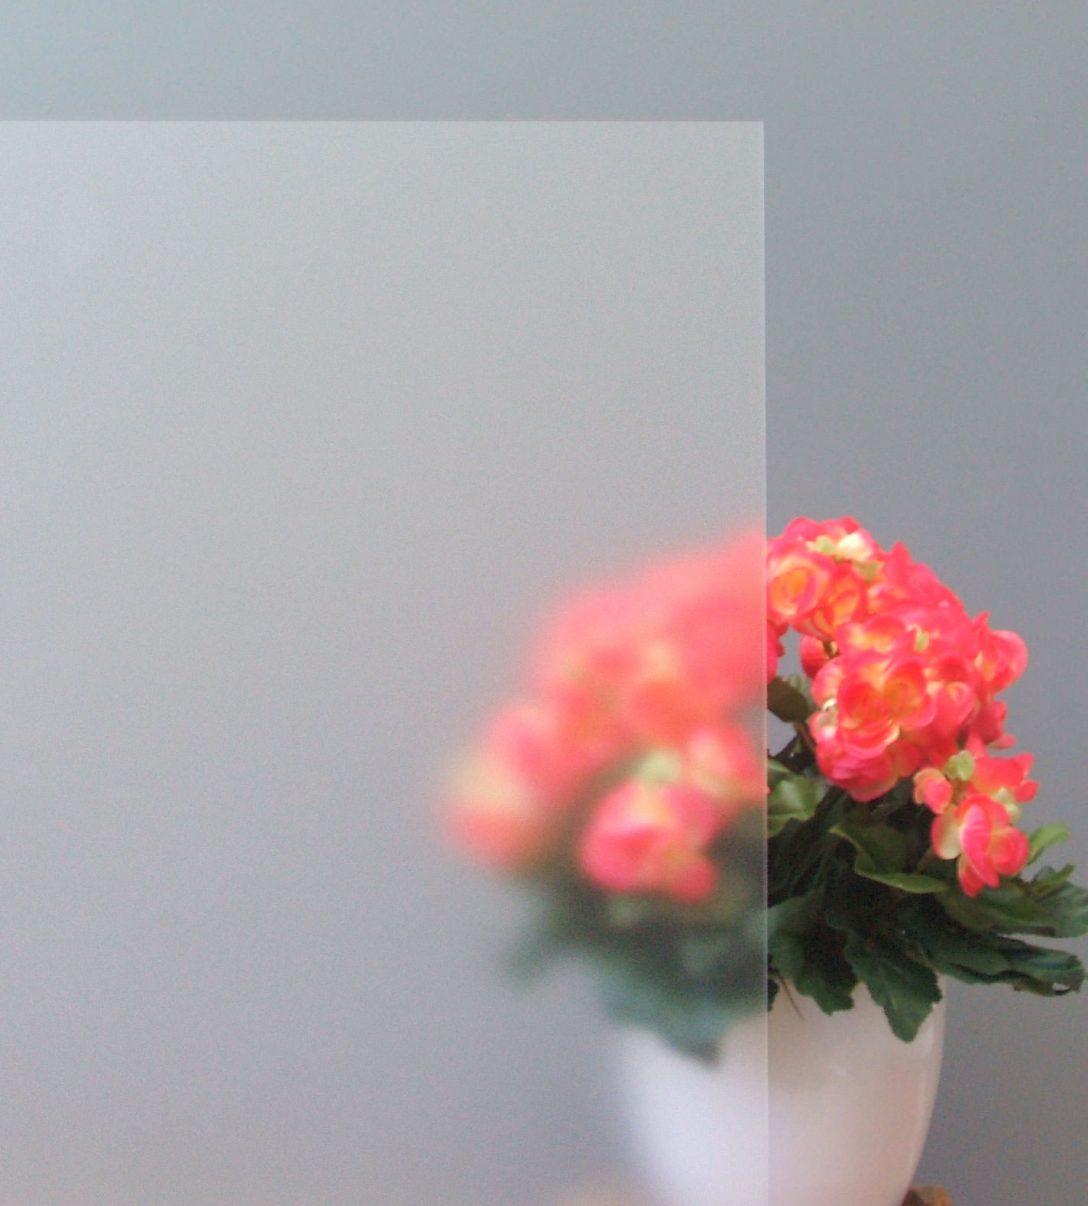 Large Size of Sicherheitsfolie Fenster Test Sichtschutzfolie Frostglas Design Passgenau Nach Ma Insektenschutz Ohne Bohren Rehau Holz Alu Kaufen In Polen Köln Fenster Sicherheitsfolie Fenster Test